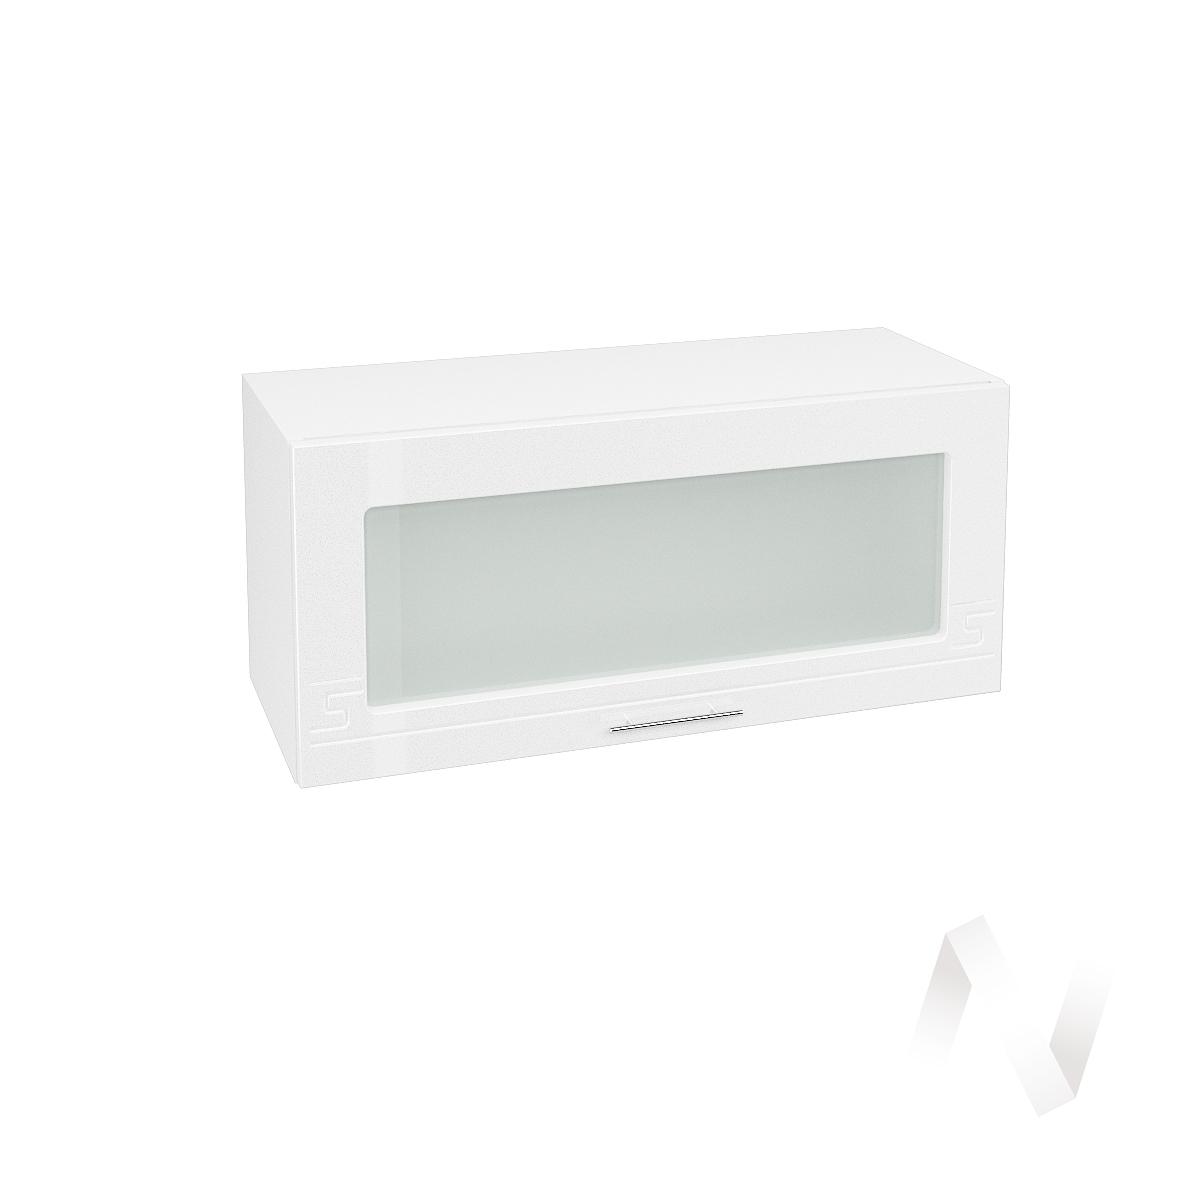 """Кухня """"Греция"""": Шкаф верхний горизонтальный со стеклом 800, ШВГС 800 (белый металлик/корпус белый)"""